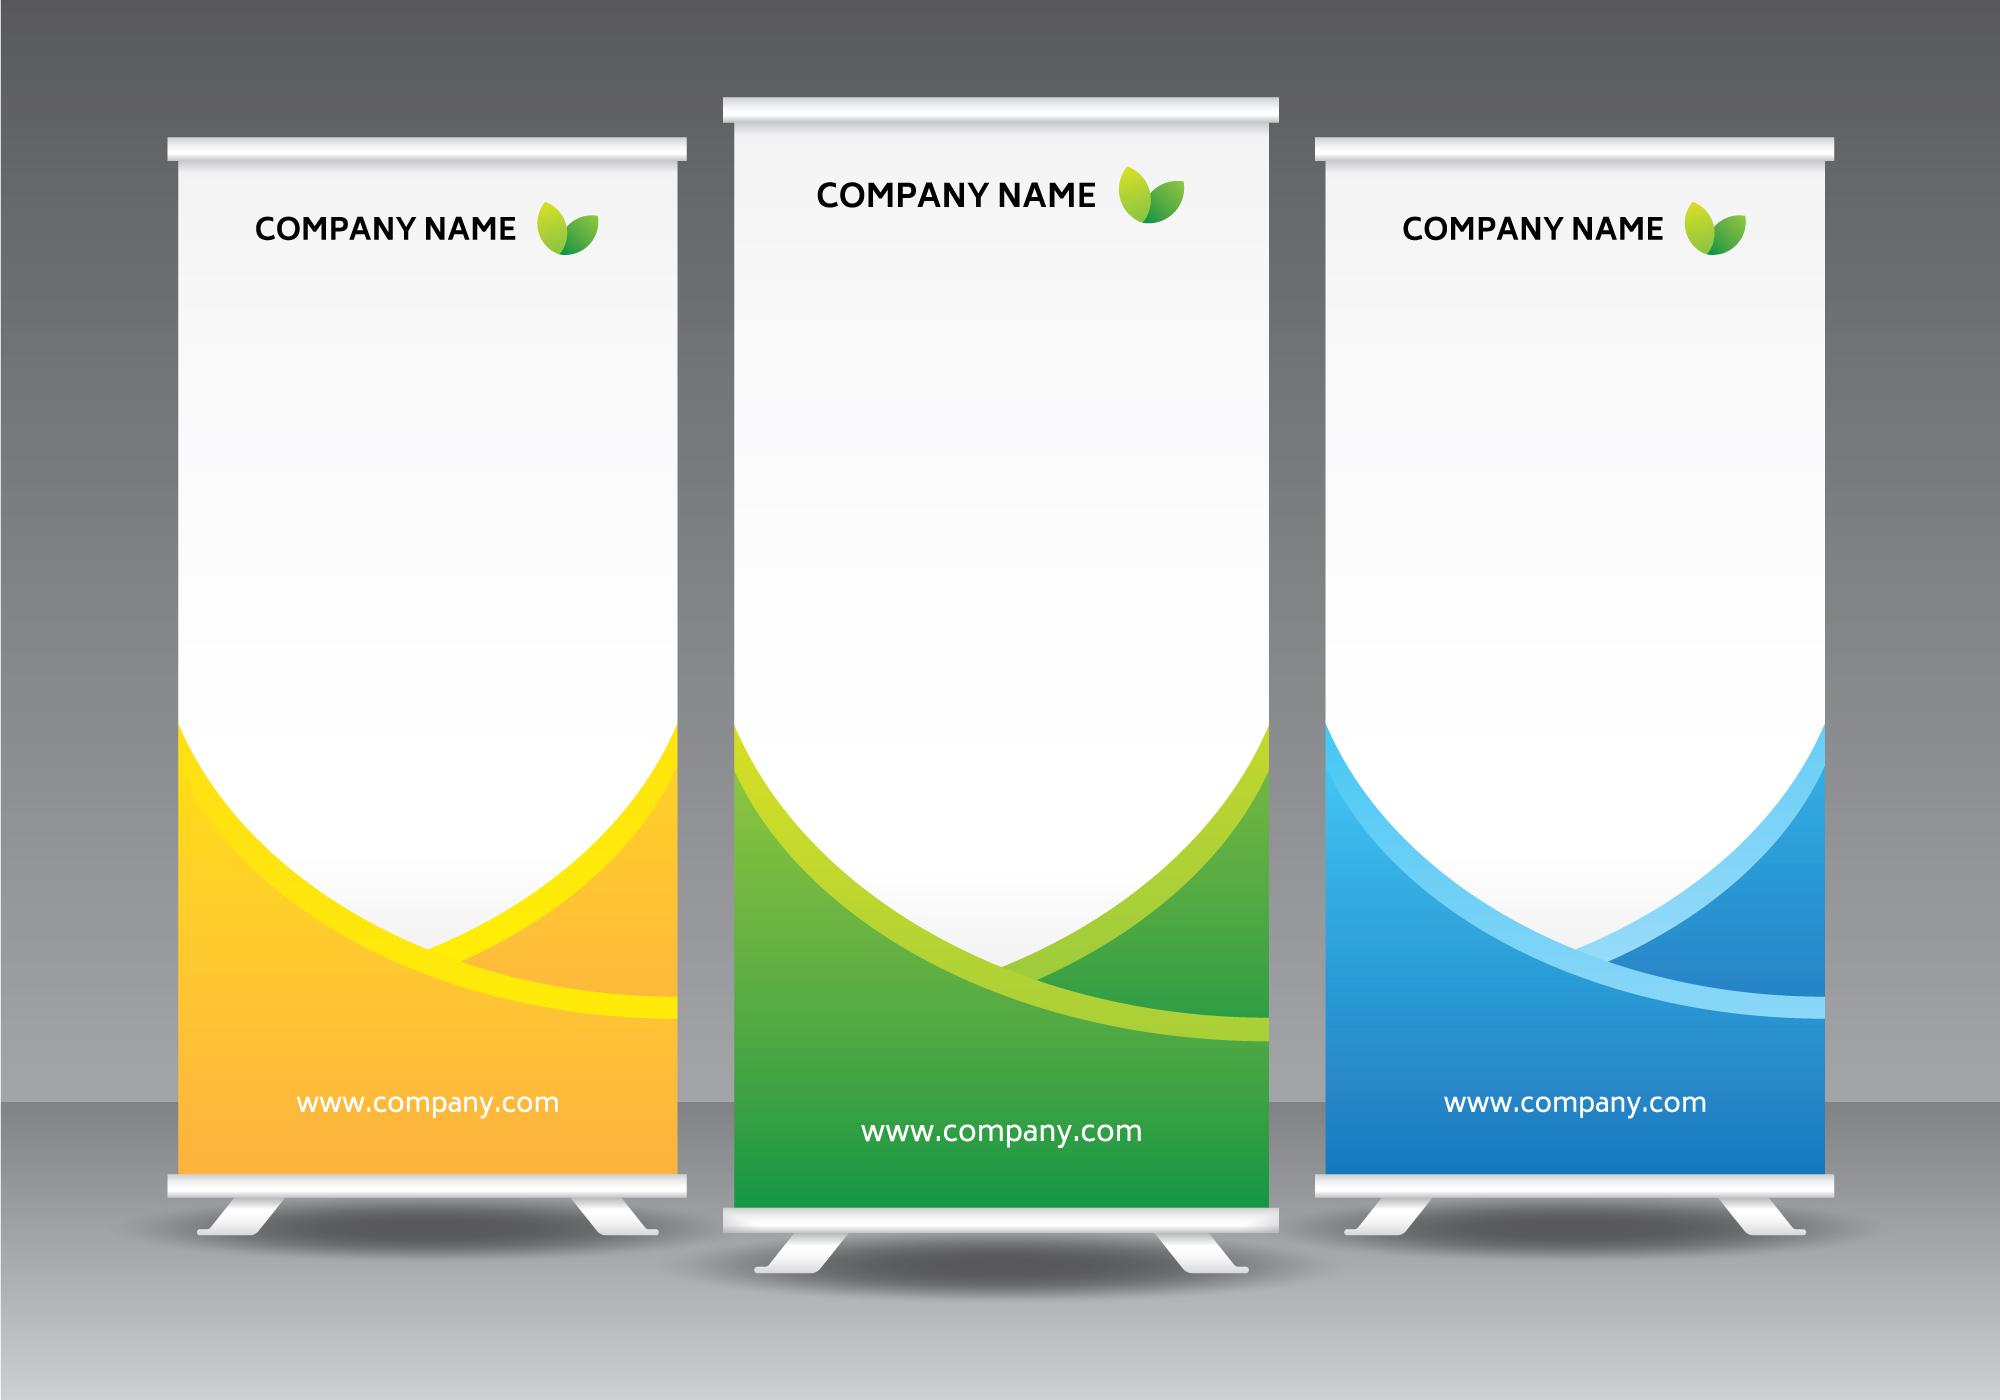 x banner design - (22606 free downloads)